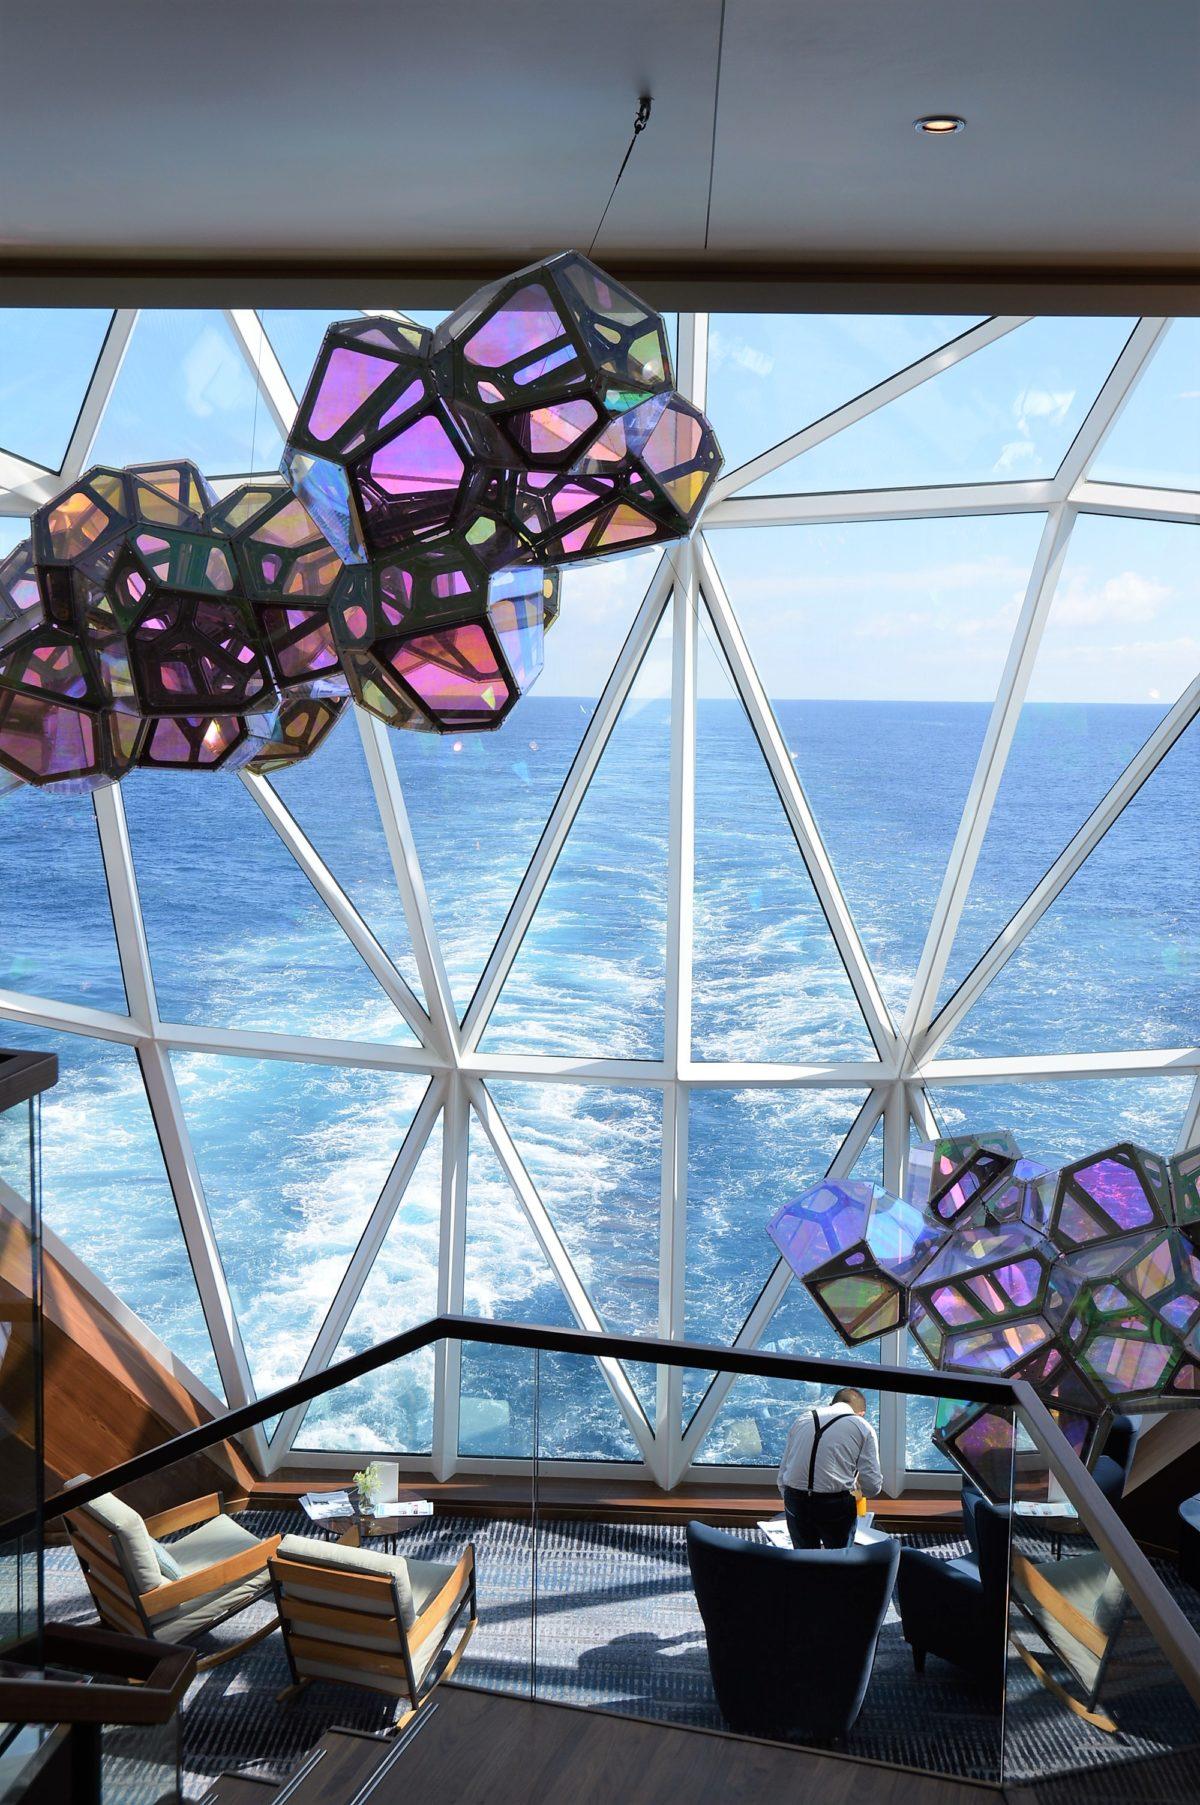 Diamantbar Mein Schiff